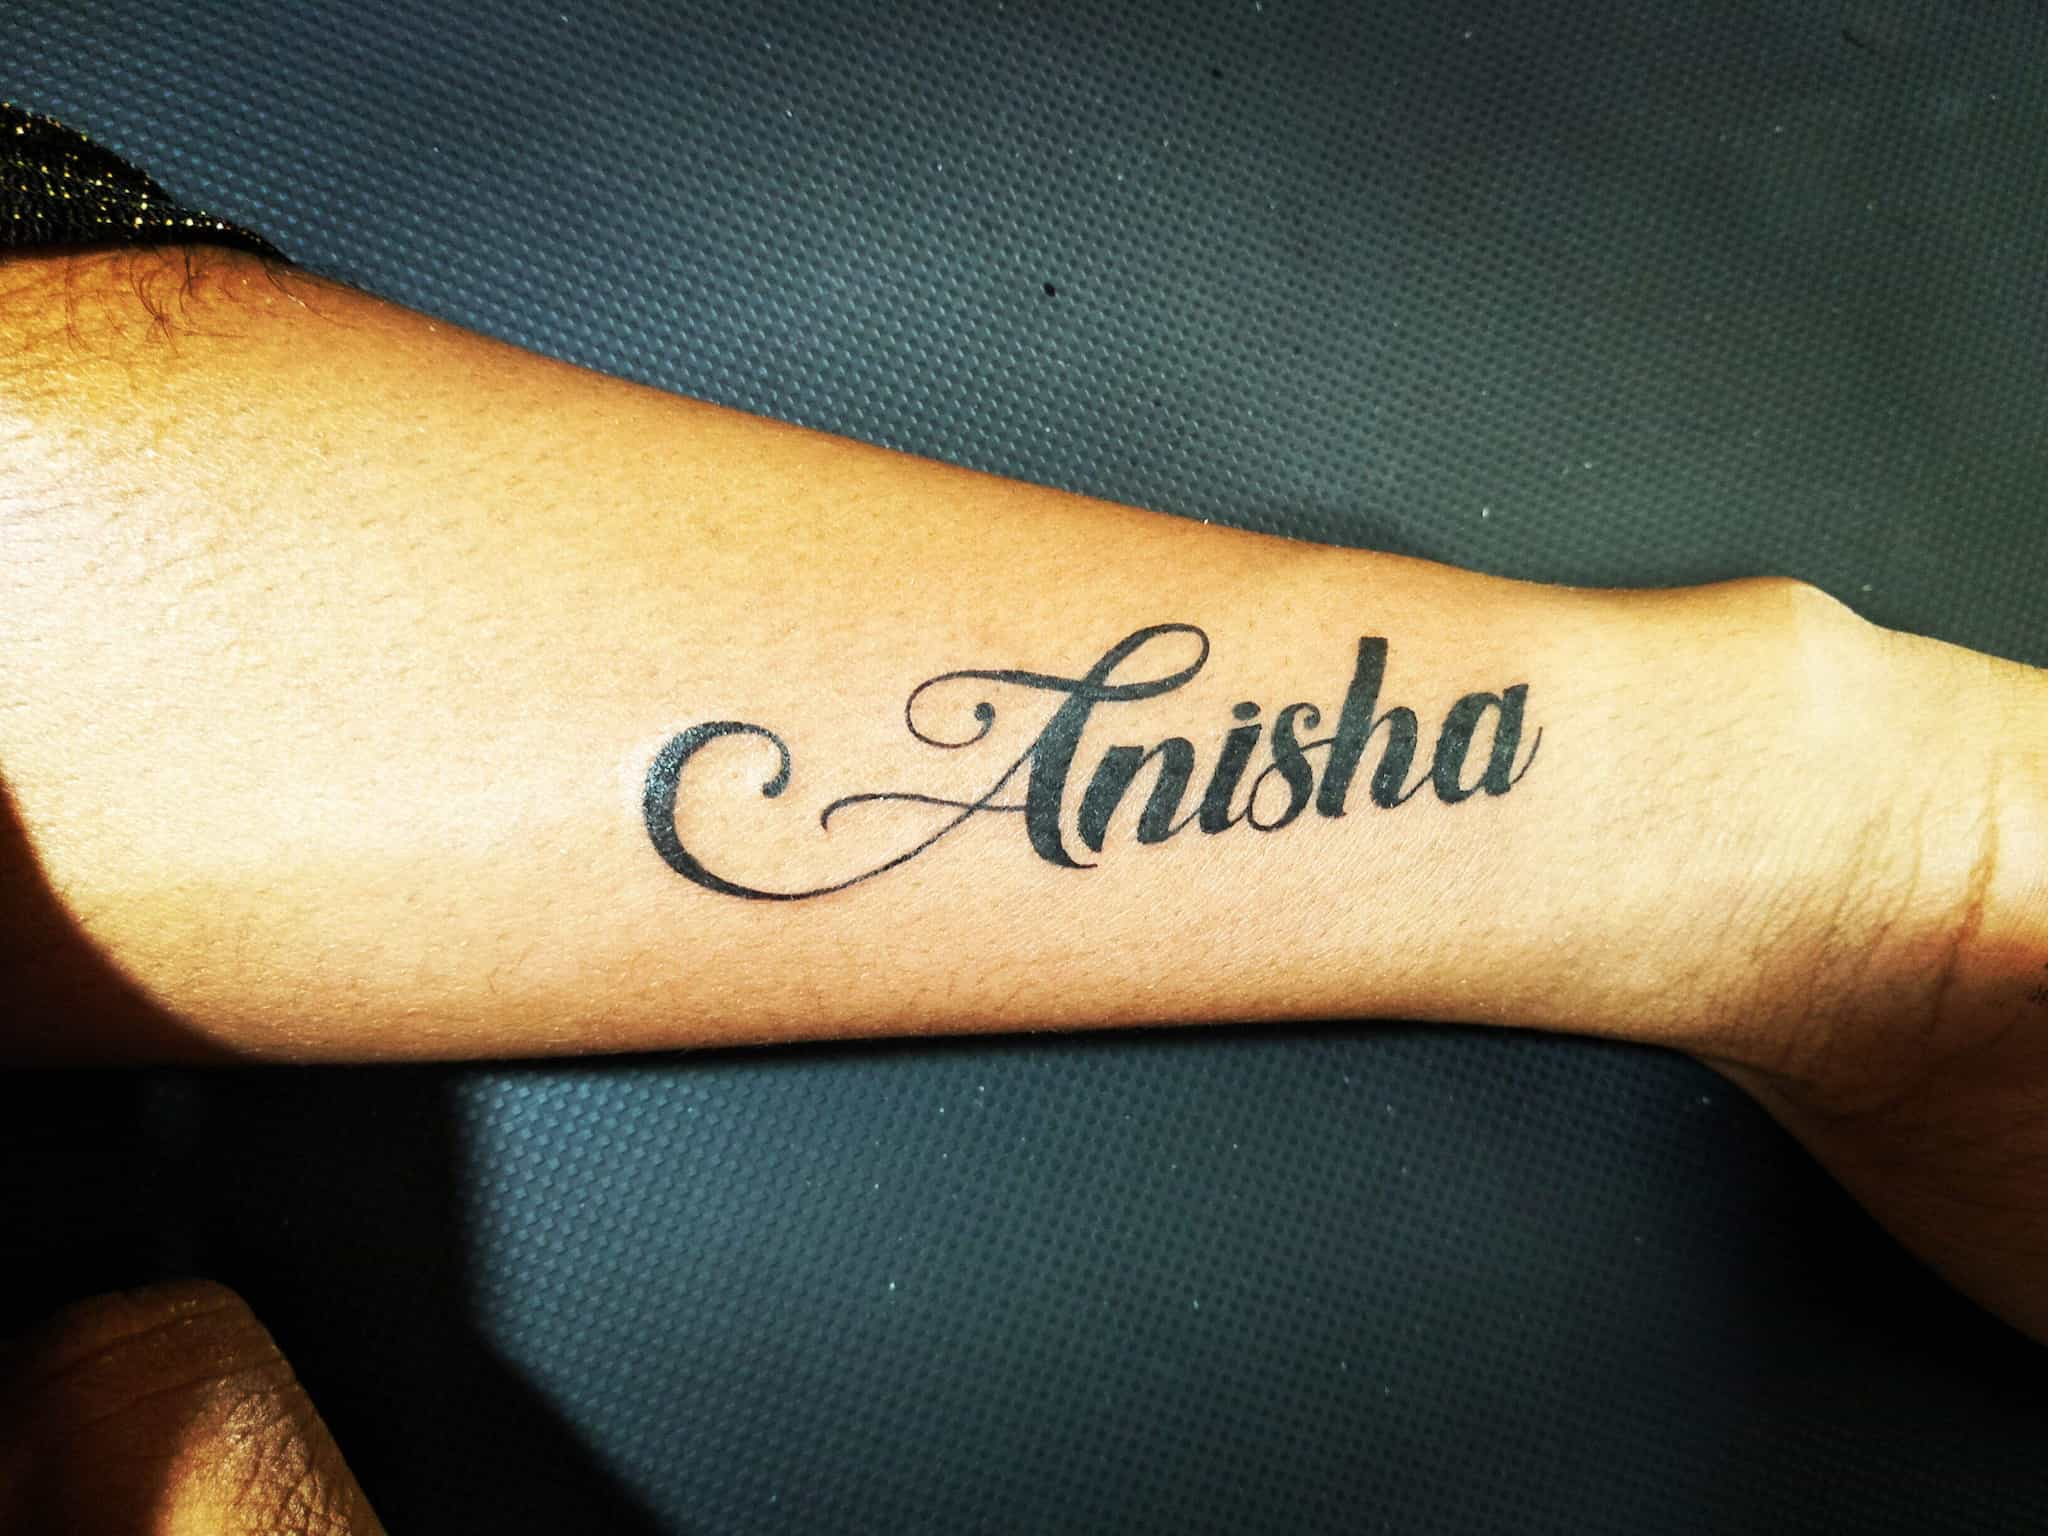 70d998ef0 Strawberry Tattoo Studio, Chitale Road - Tattoo Artists in Ahmednagar -  Justdial